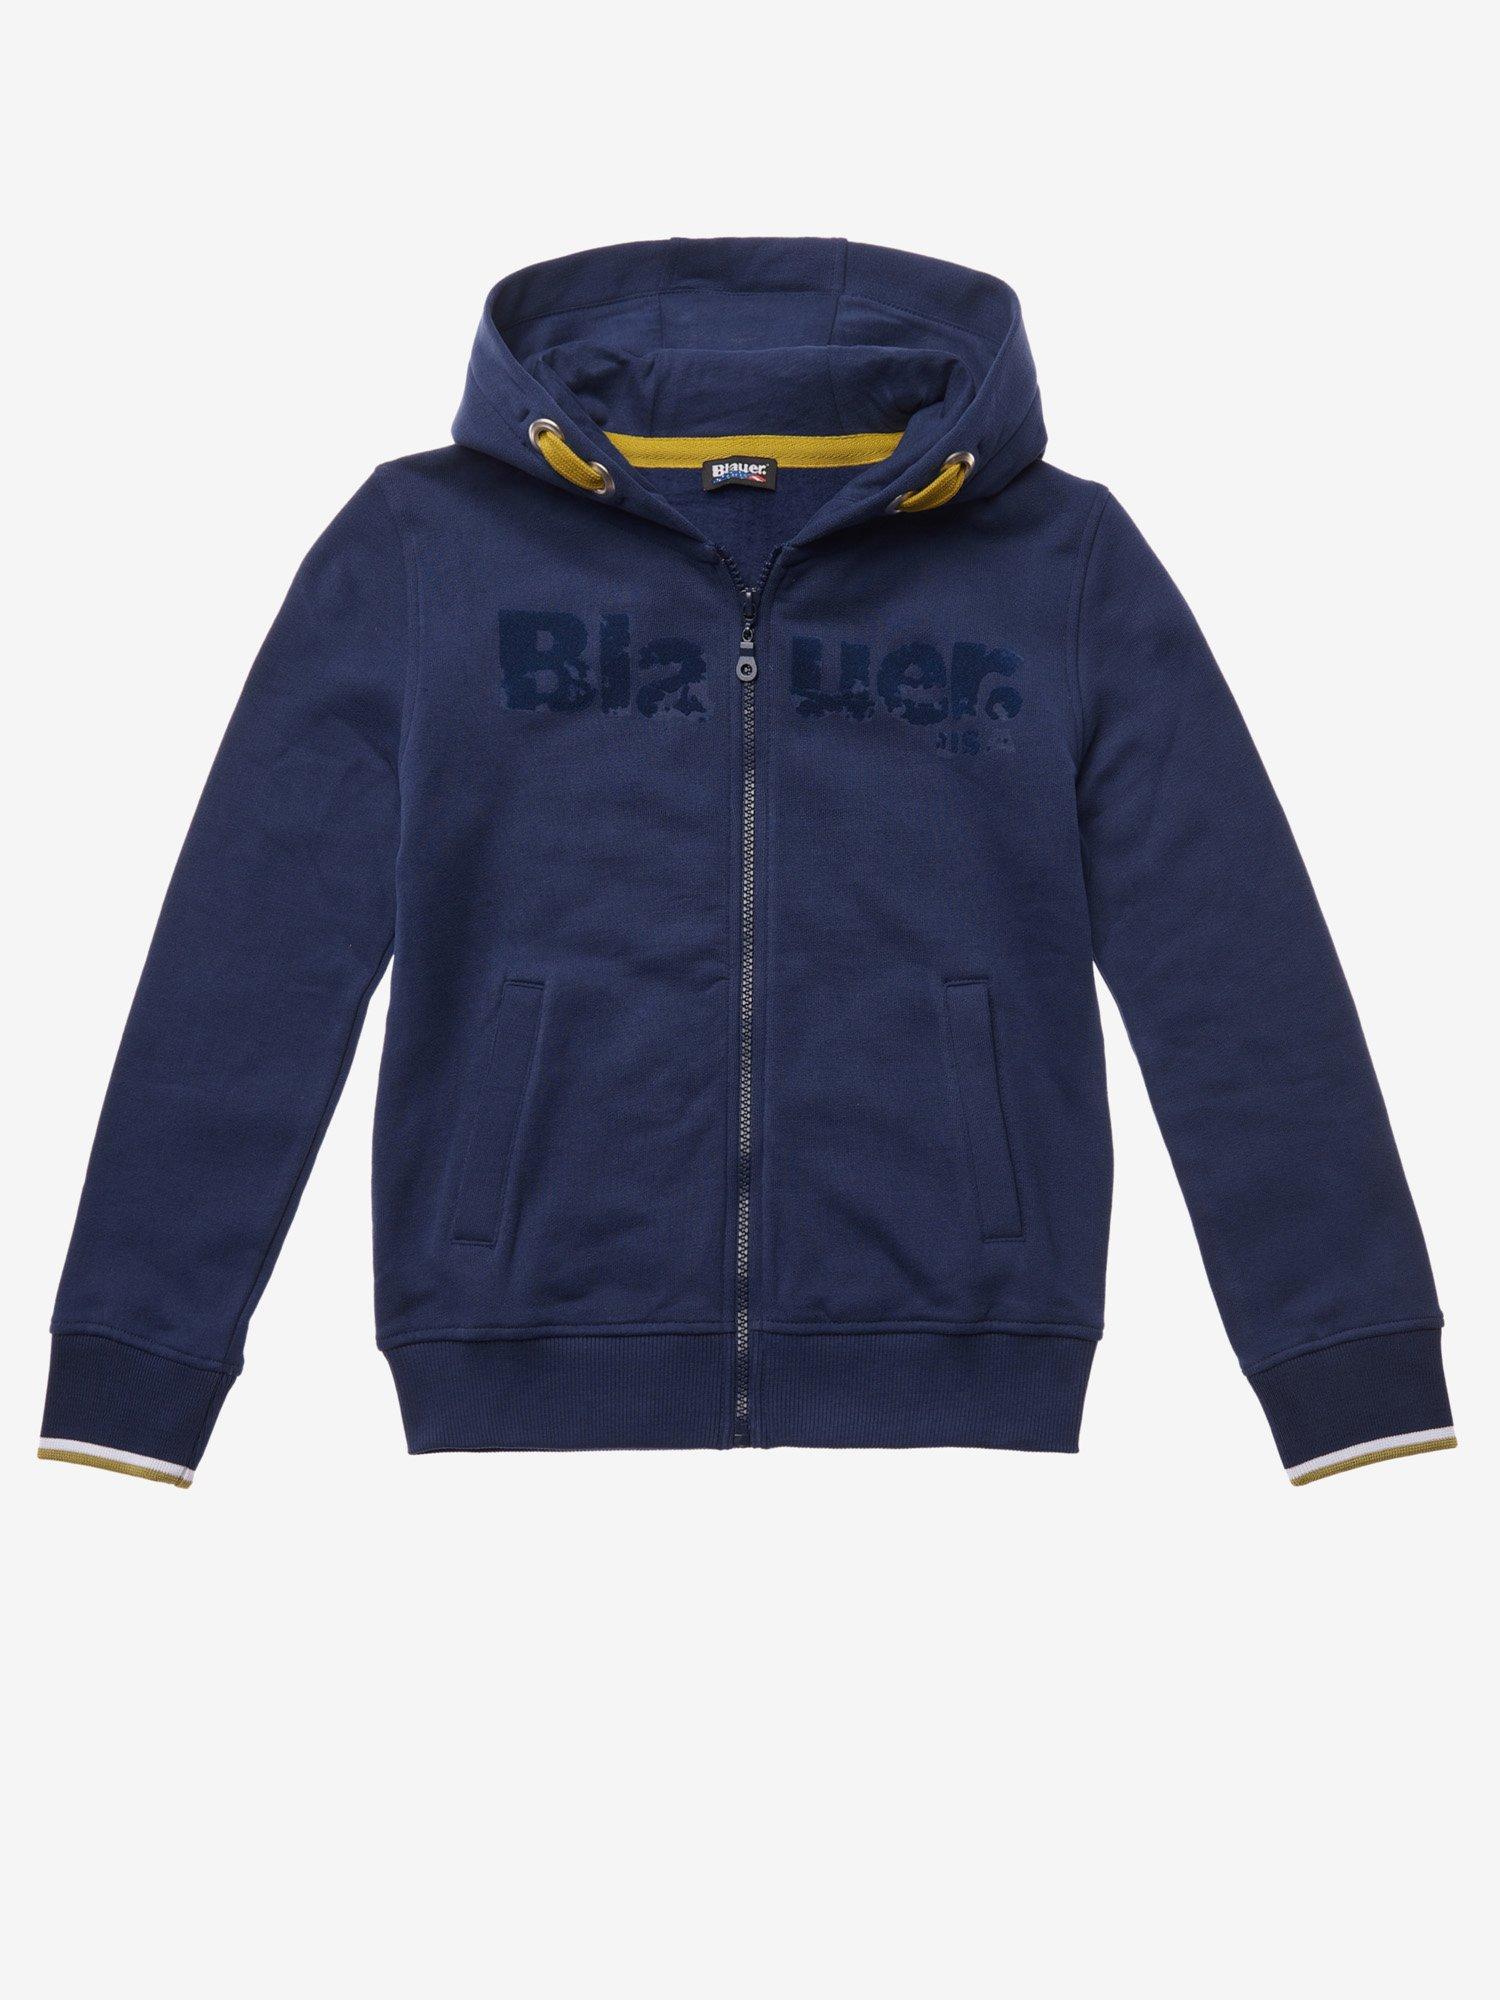 Blauer - JUNIOR COTTON HOODED SWEATSHIRT - Blue Ionio - Blauer